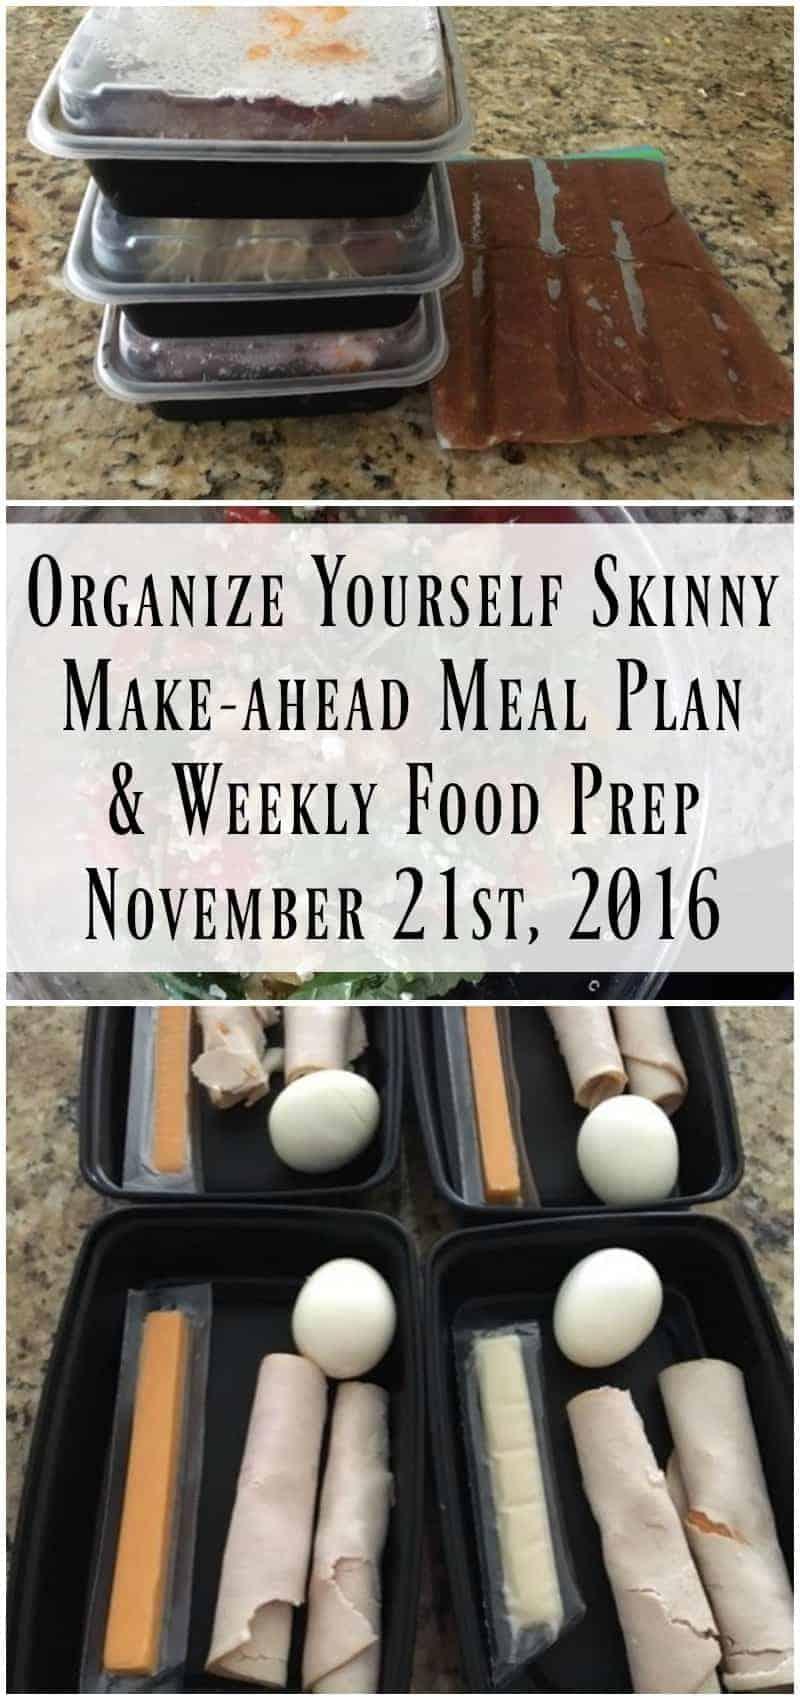 Make-ahead Meal Plan and Weekly Food Prep {November 21st, 2016}